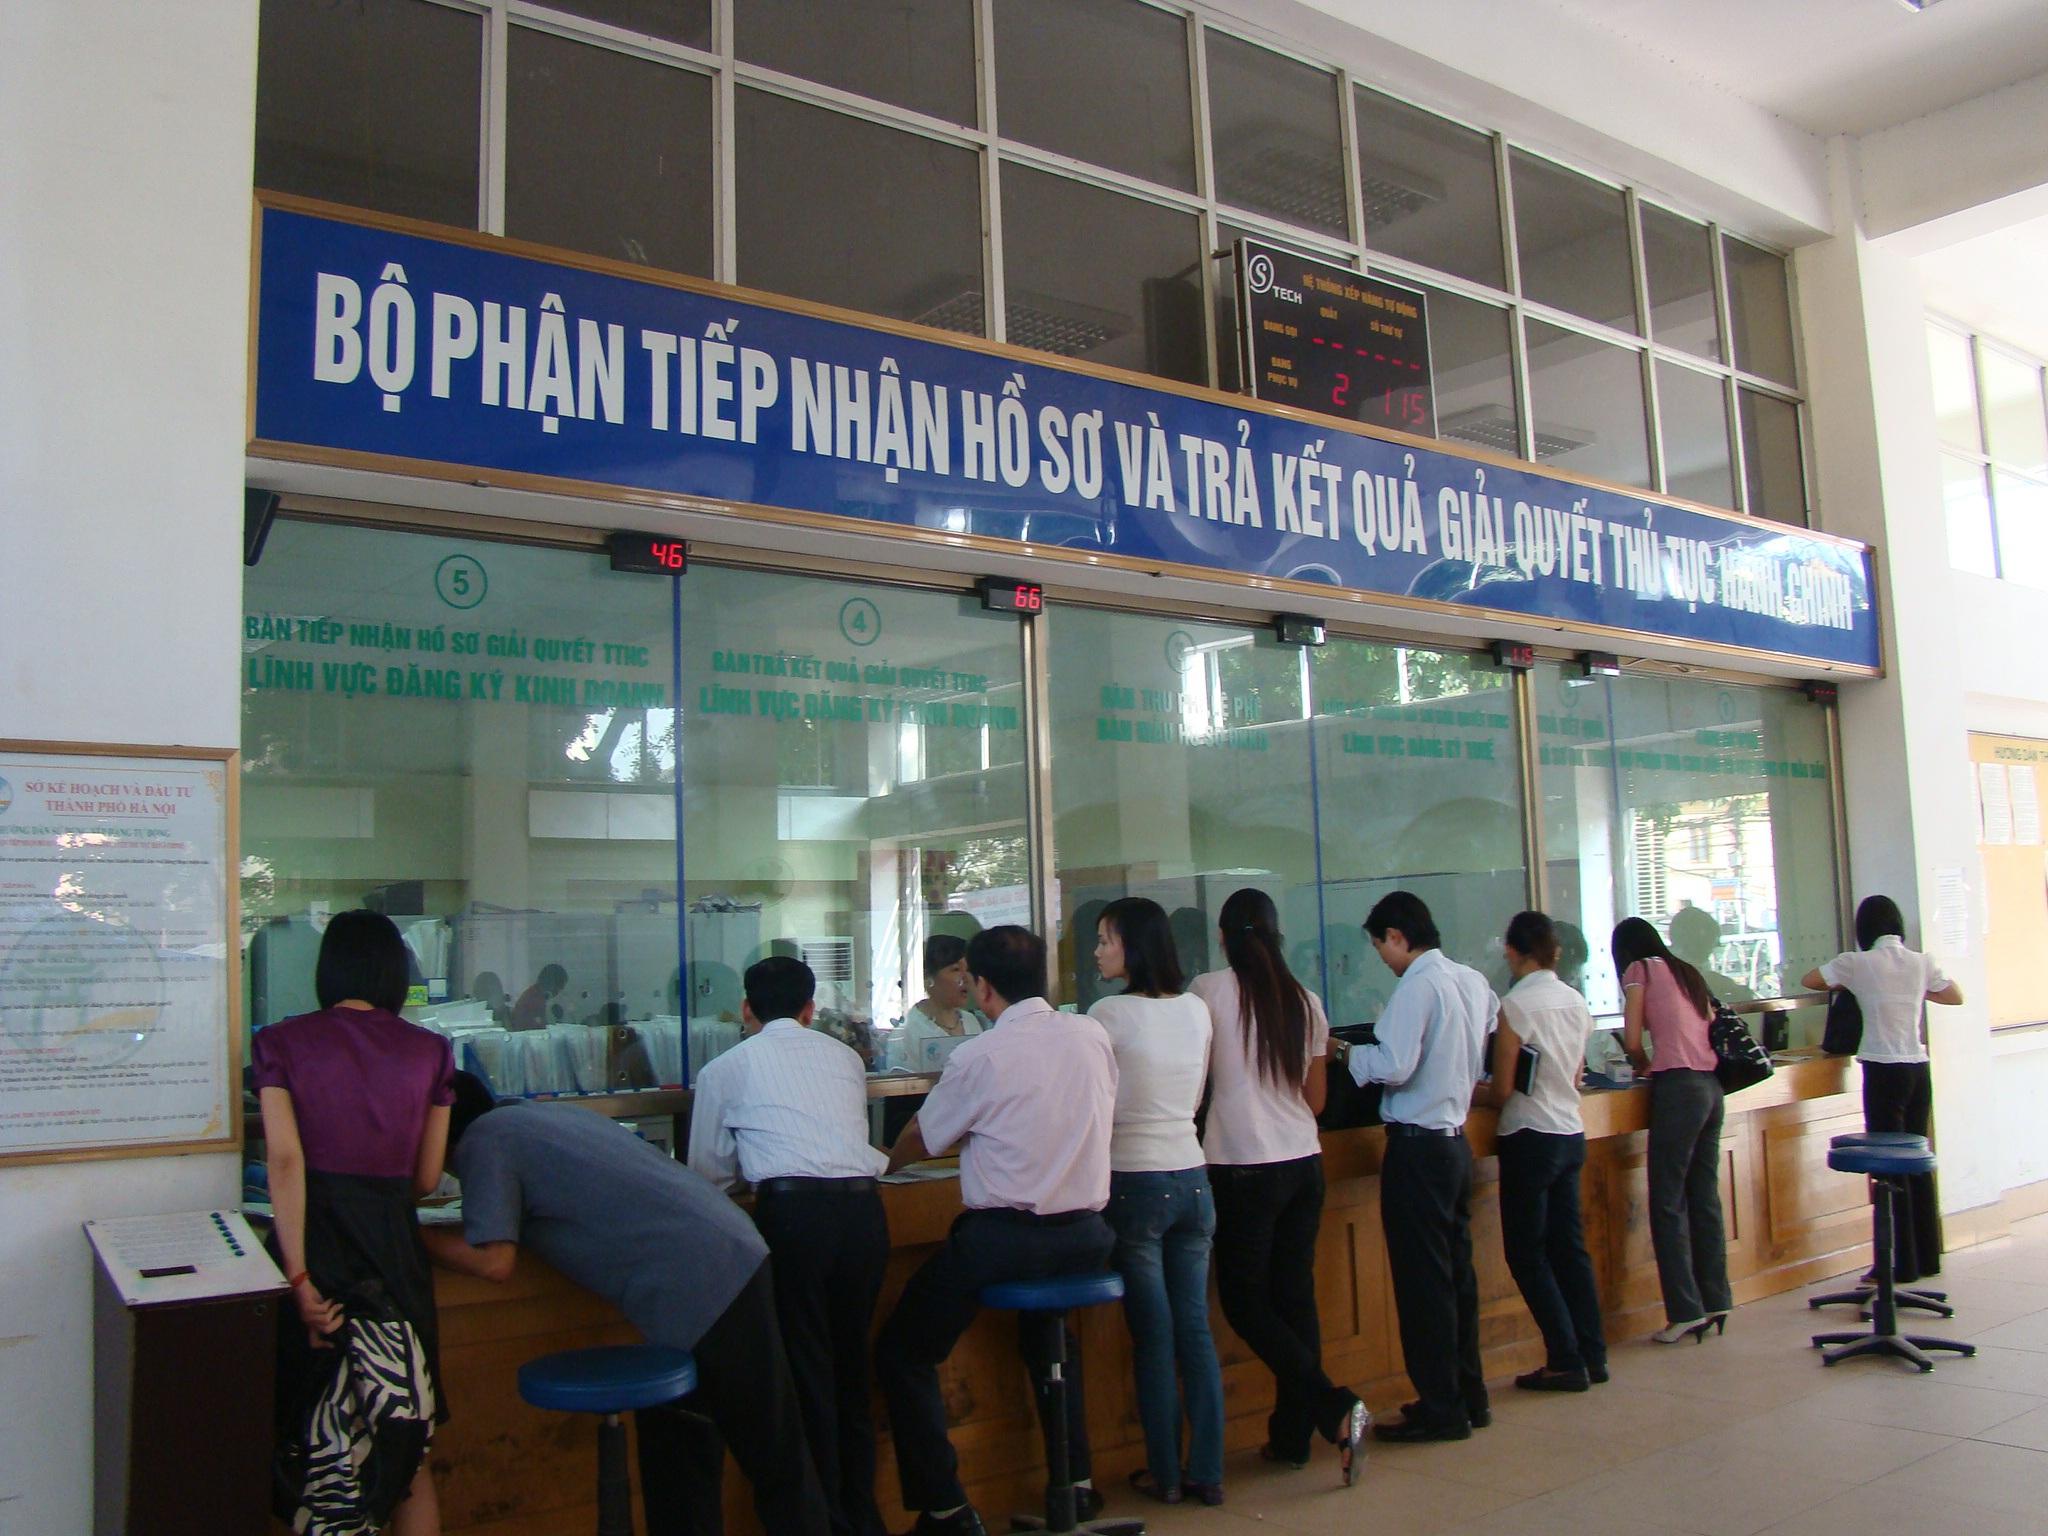 Nền kinh tế Việt Nam cần thực hiện đơn giản hóa thủ tục để nâng cao năng lực cạnh tranh